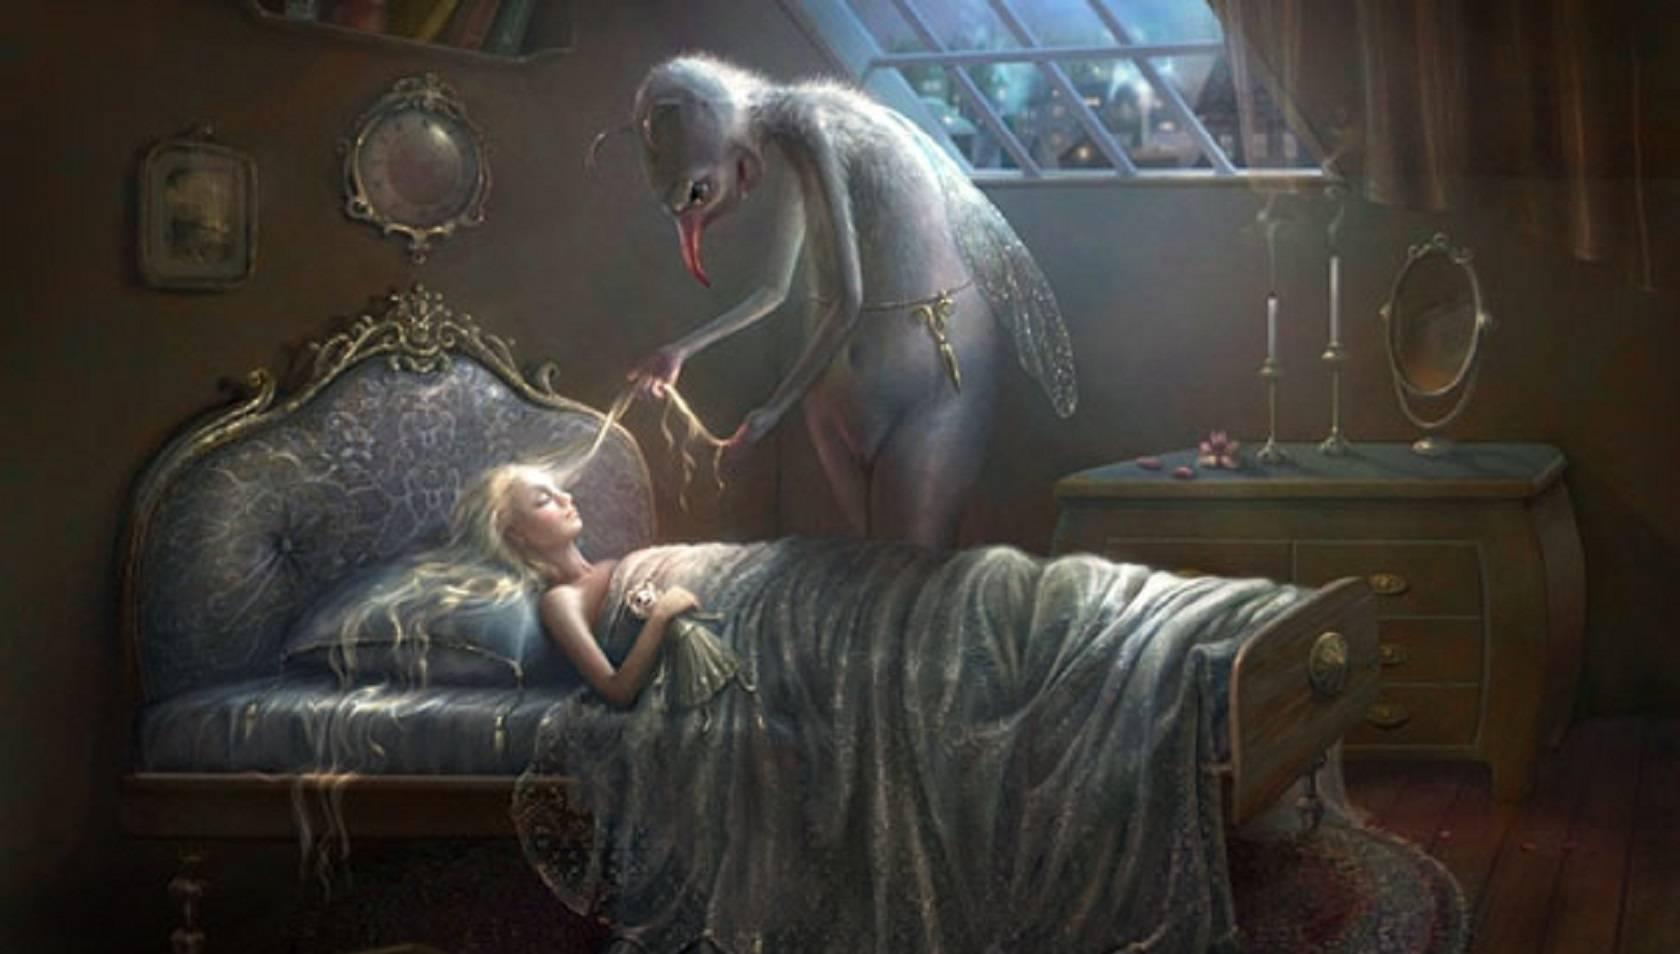 Ведьма колдовство колдунья